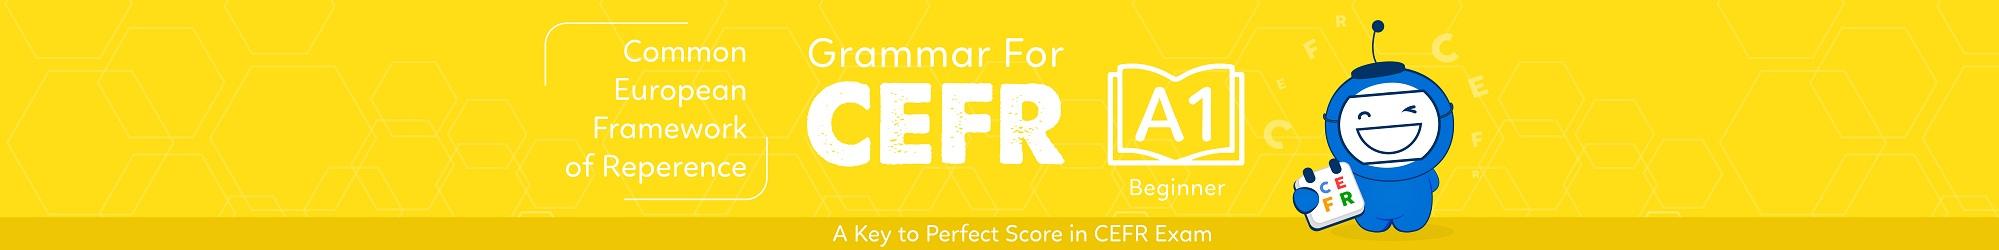 GRAMMAR FOR CEFR (A1) banner